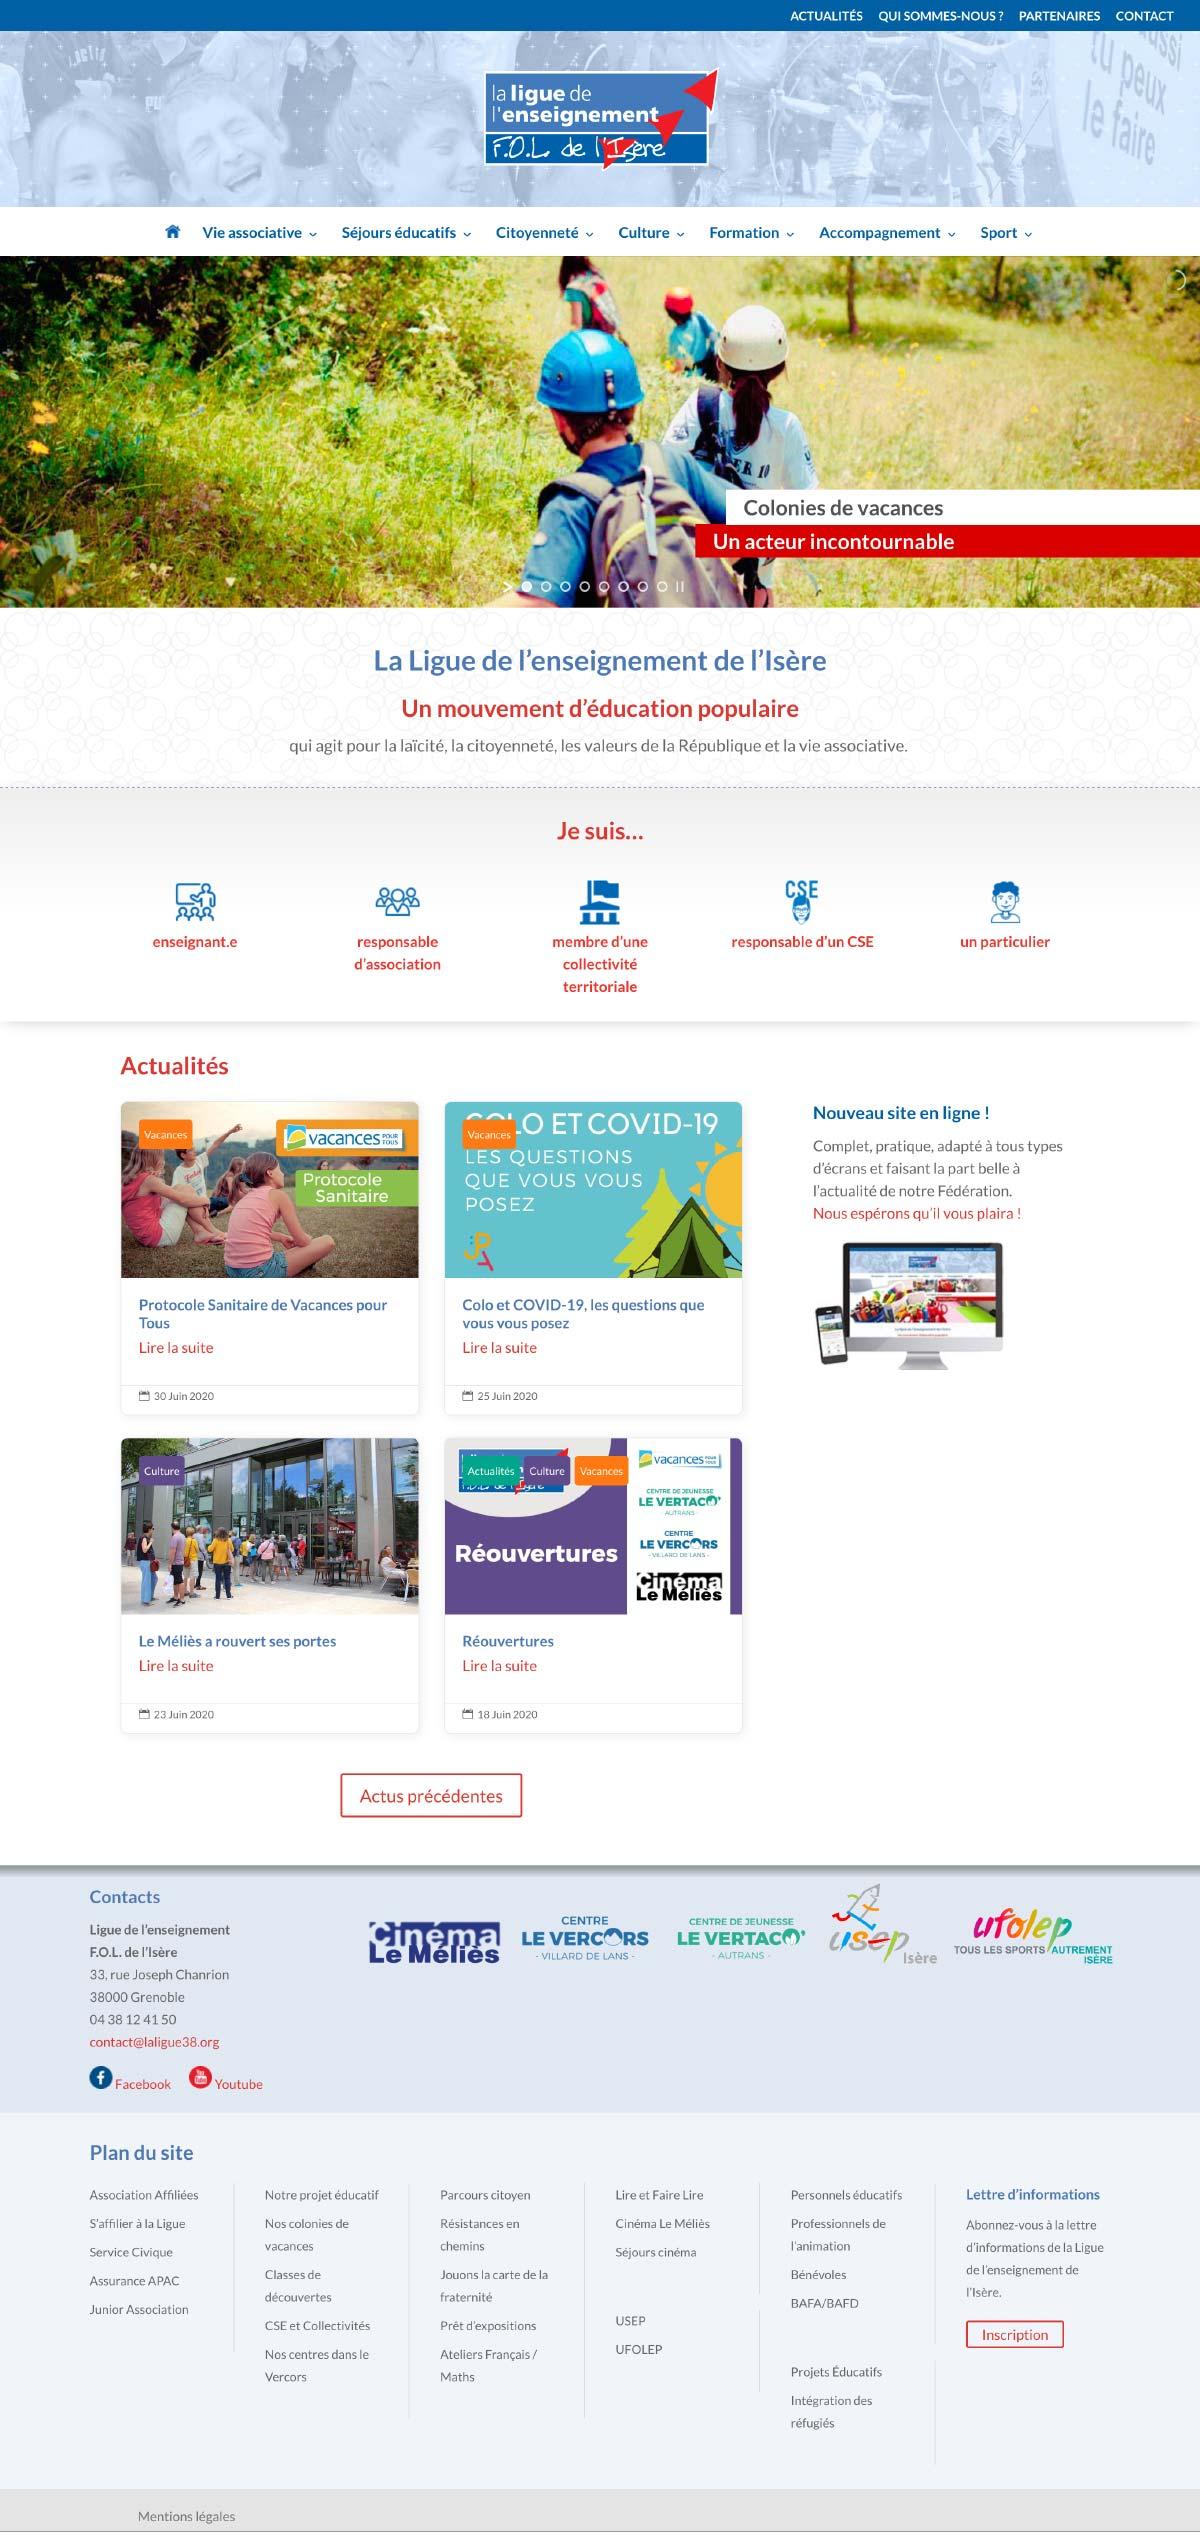 La page d'accueil du site Internet de La ligue de l'enseignement de l'Isère conçu avec WordPress et le thème DIVI